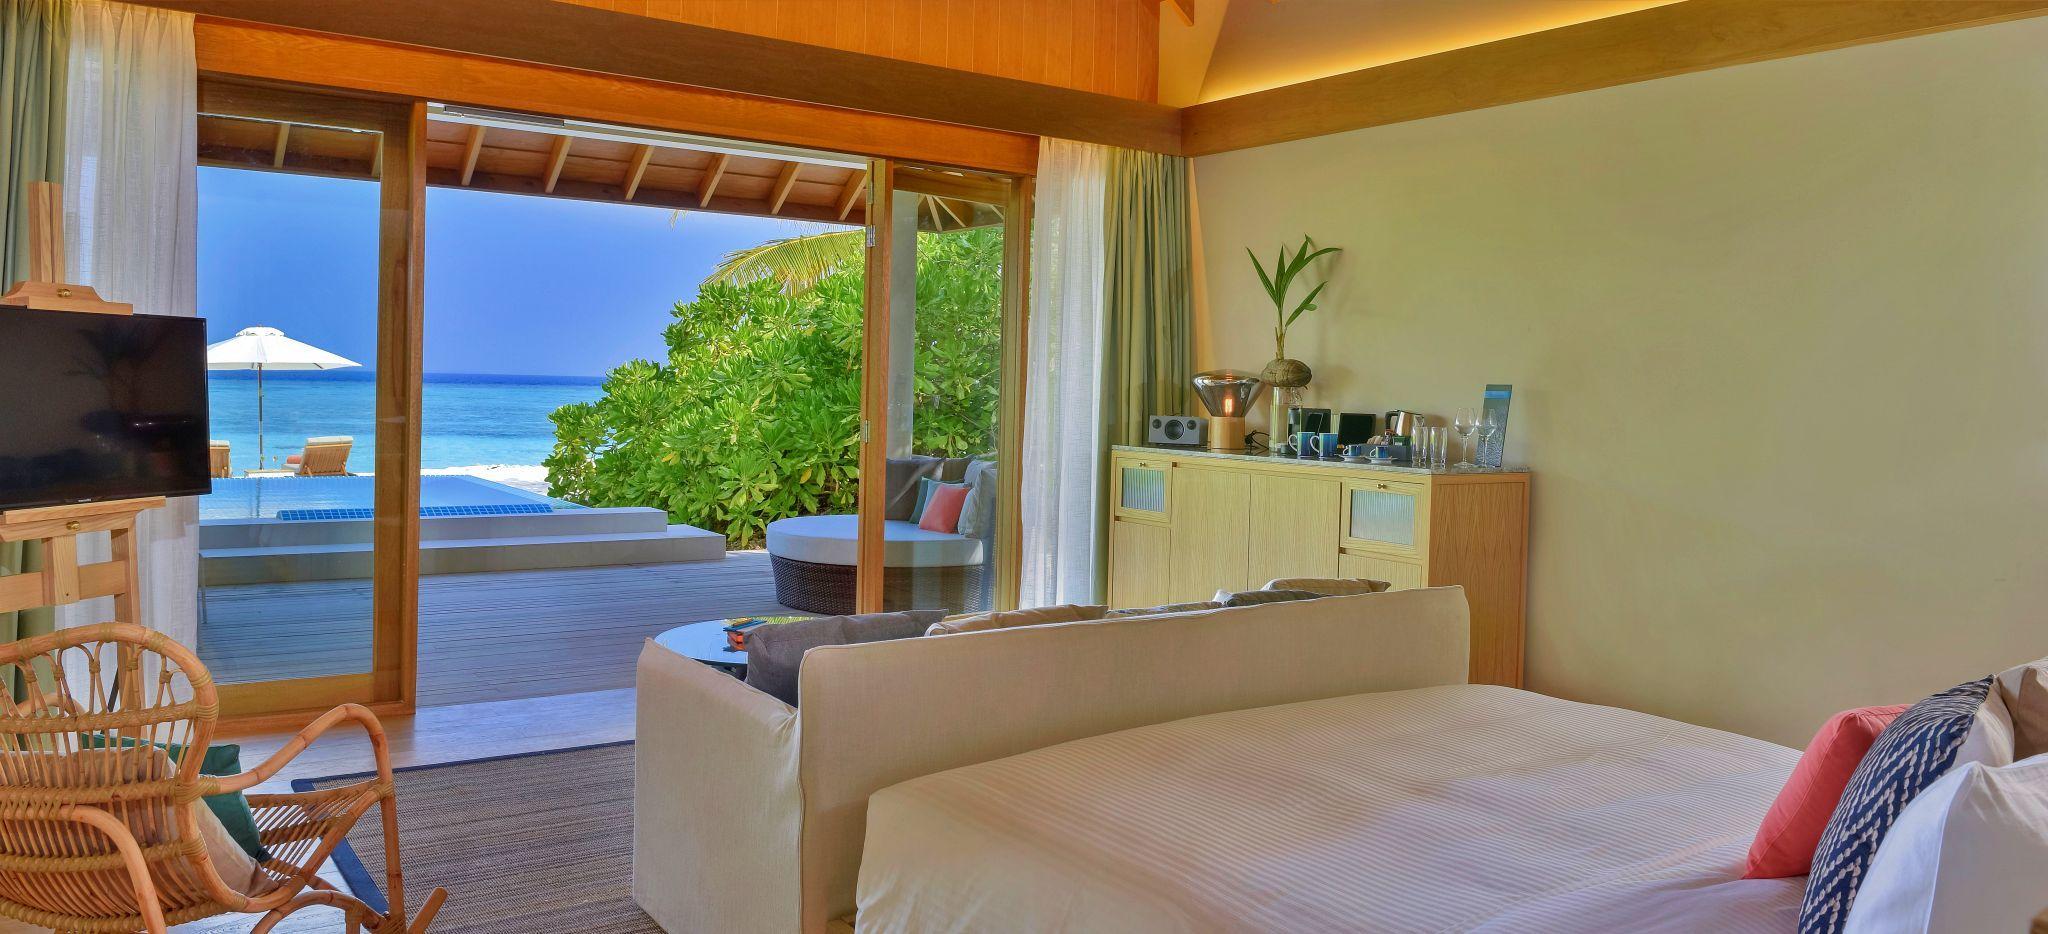 Schlafzimmer im Hotel Faarufushi Maldives mit Blick auf das Meer